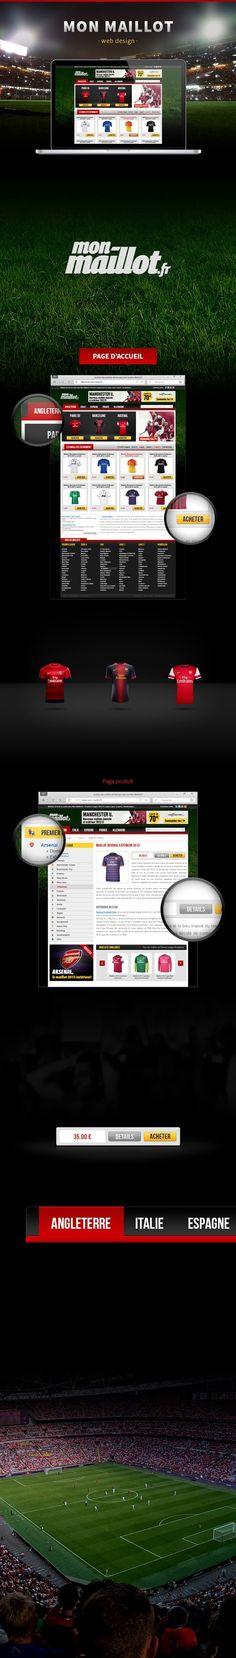 Web Design, Album, Gallery, Spain, Italy, Design Web, Website Designs, Site Design